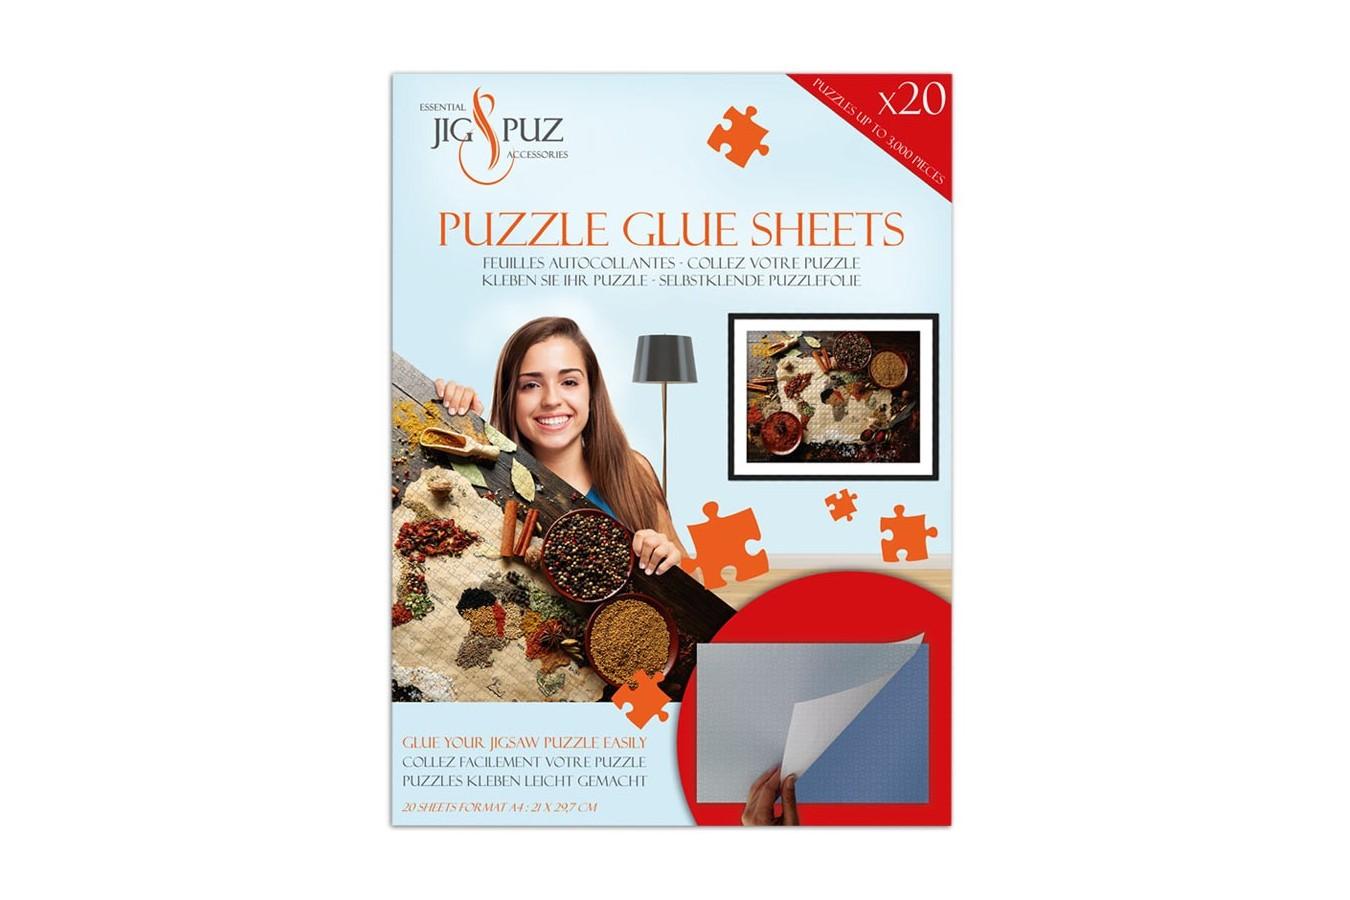 Folii pentru lipit puzzle 3000 piese Jig & Puz imagine